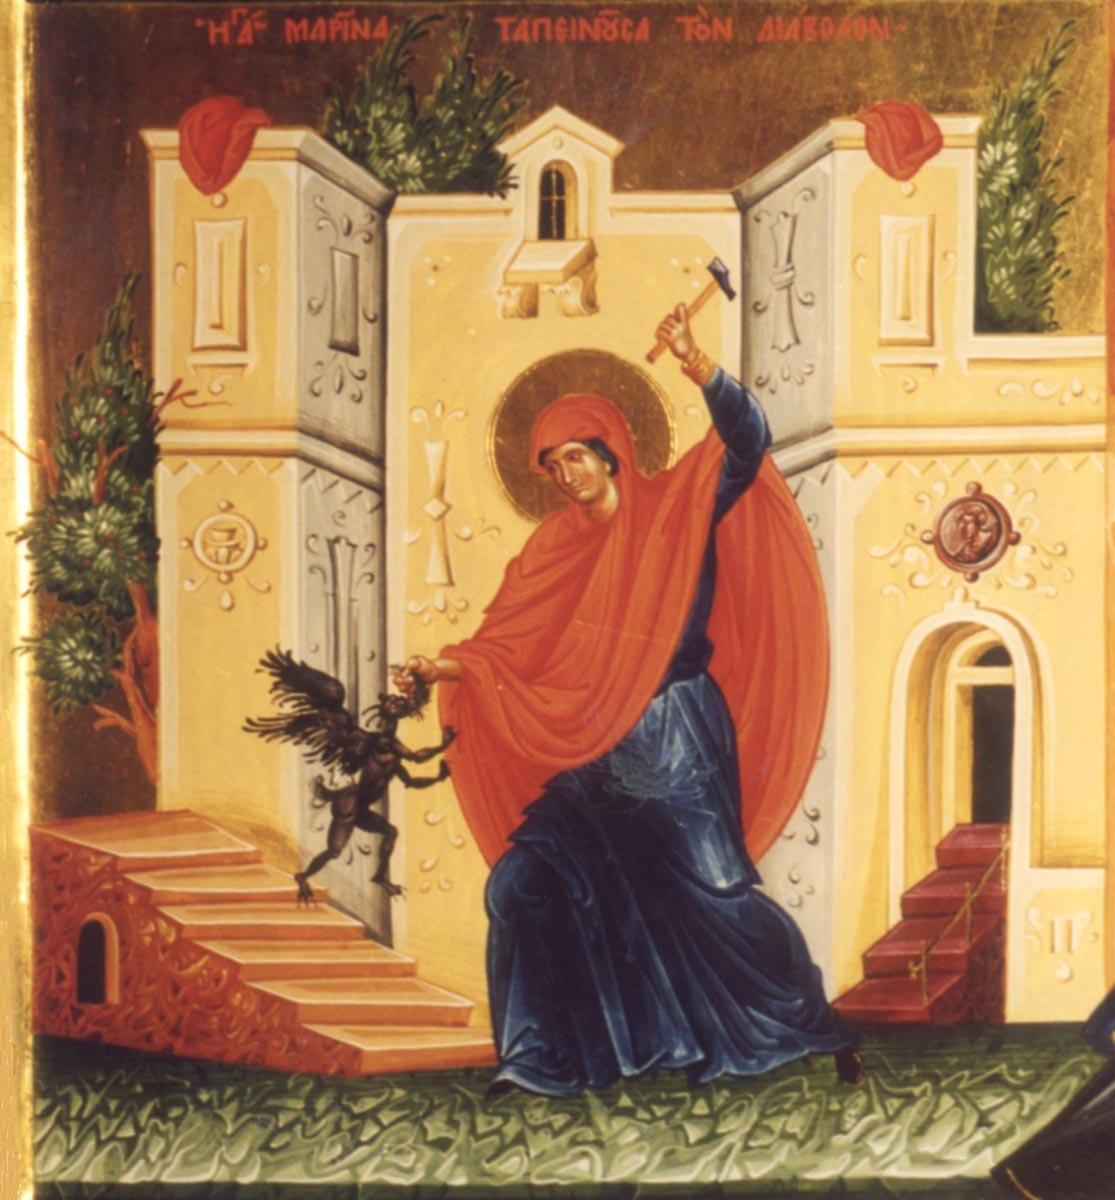 Saint Marina the Great Vanquisher of Demons